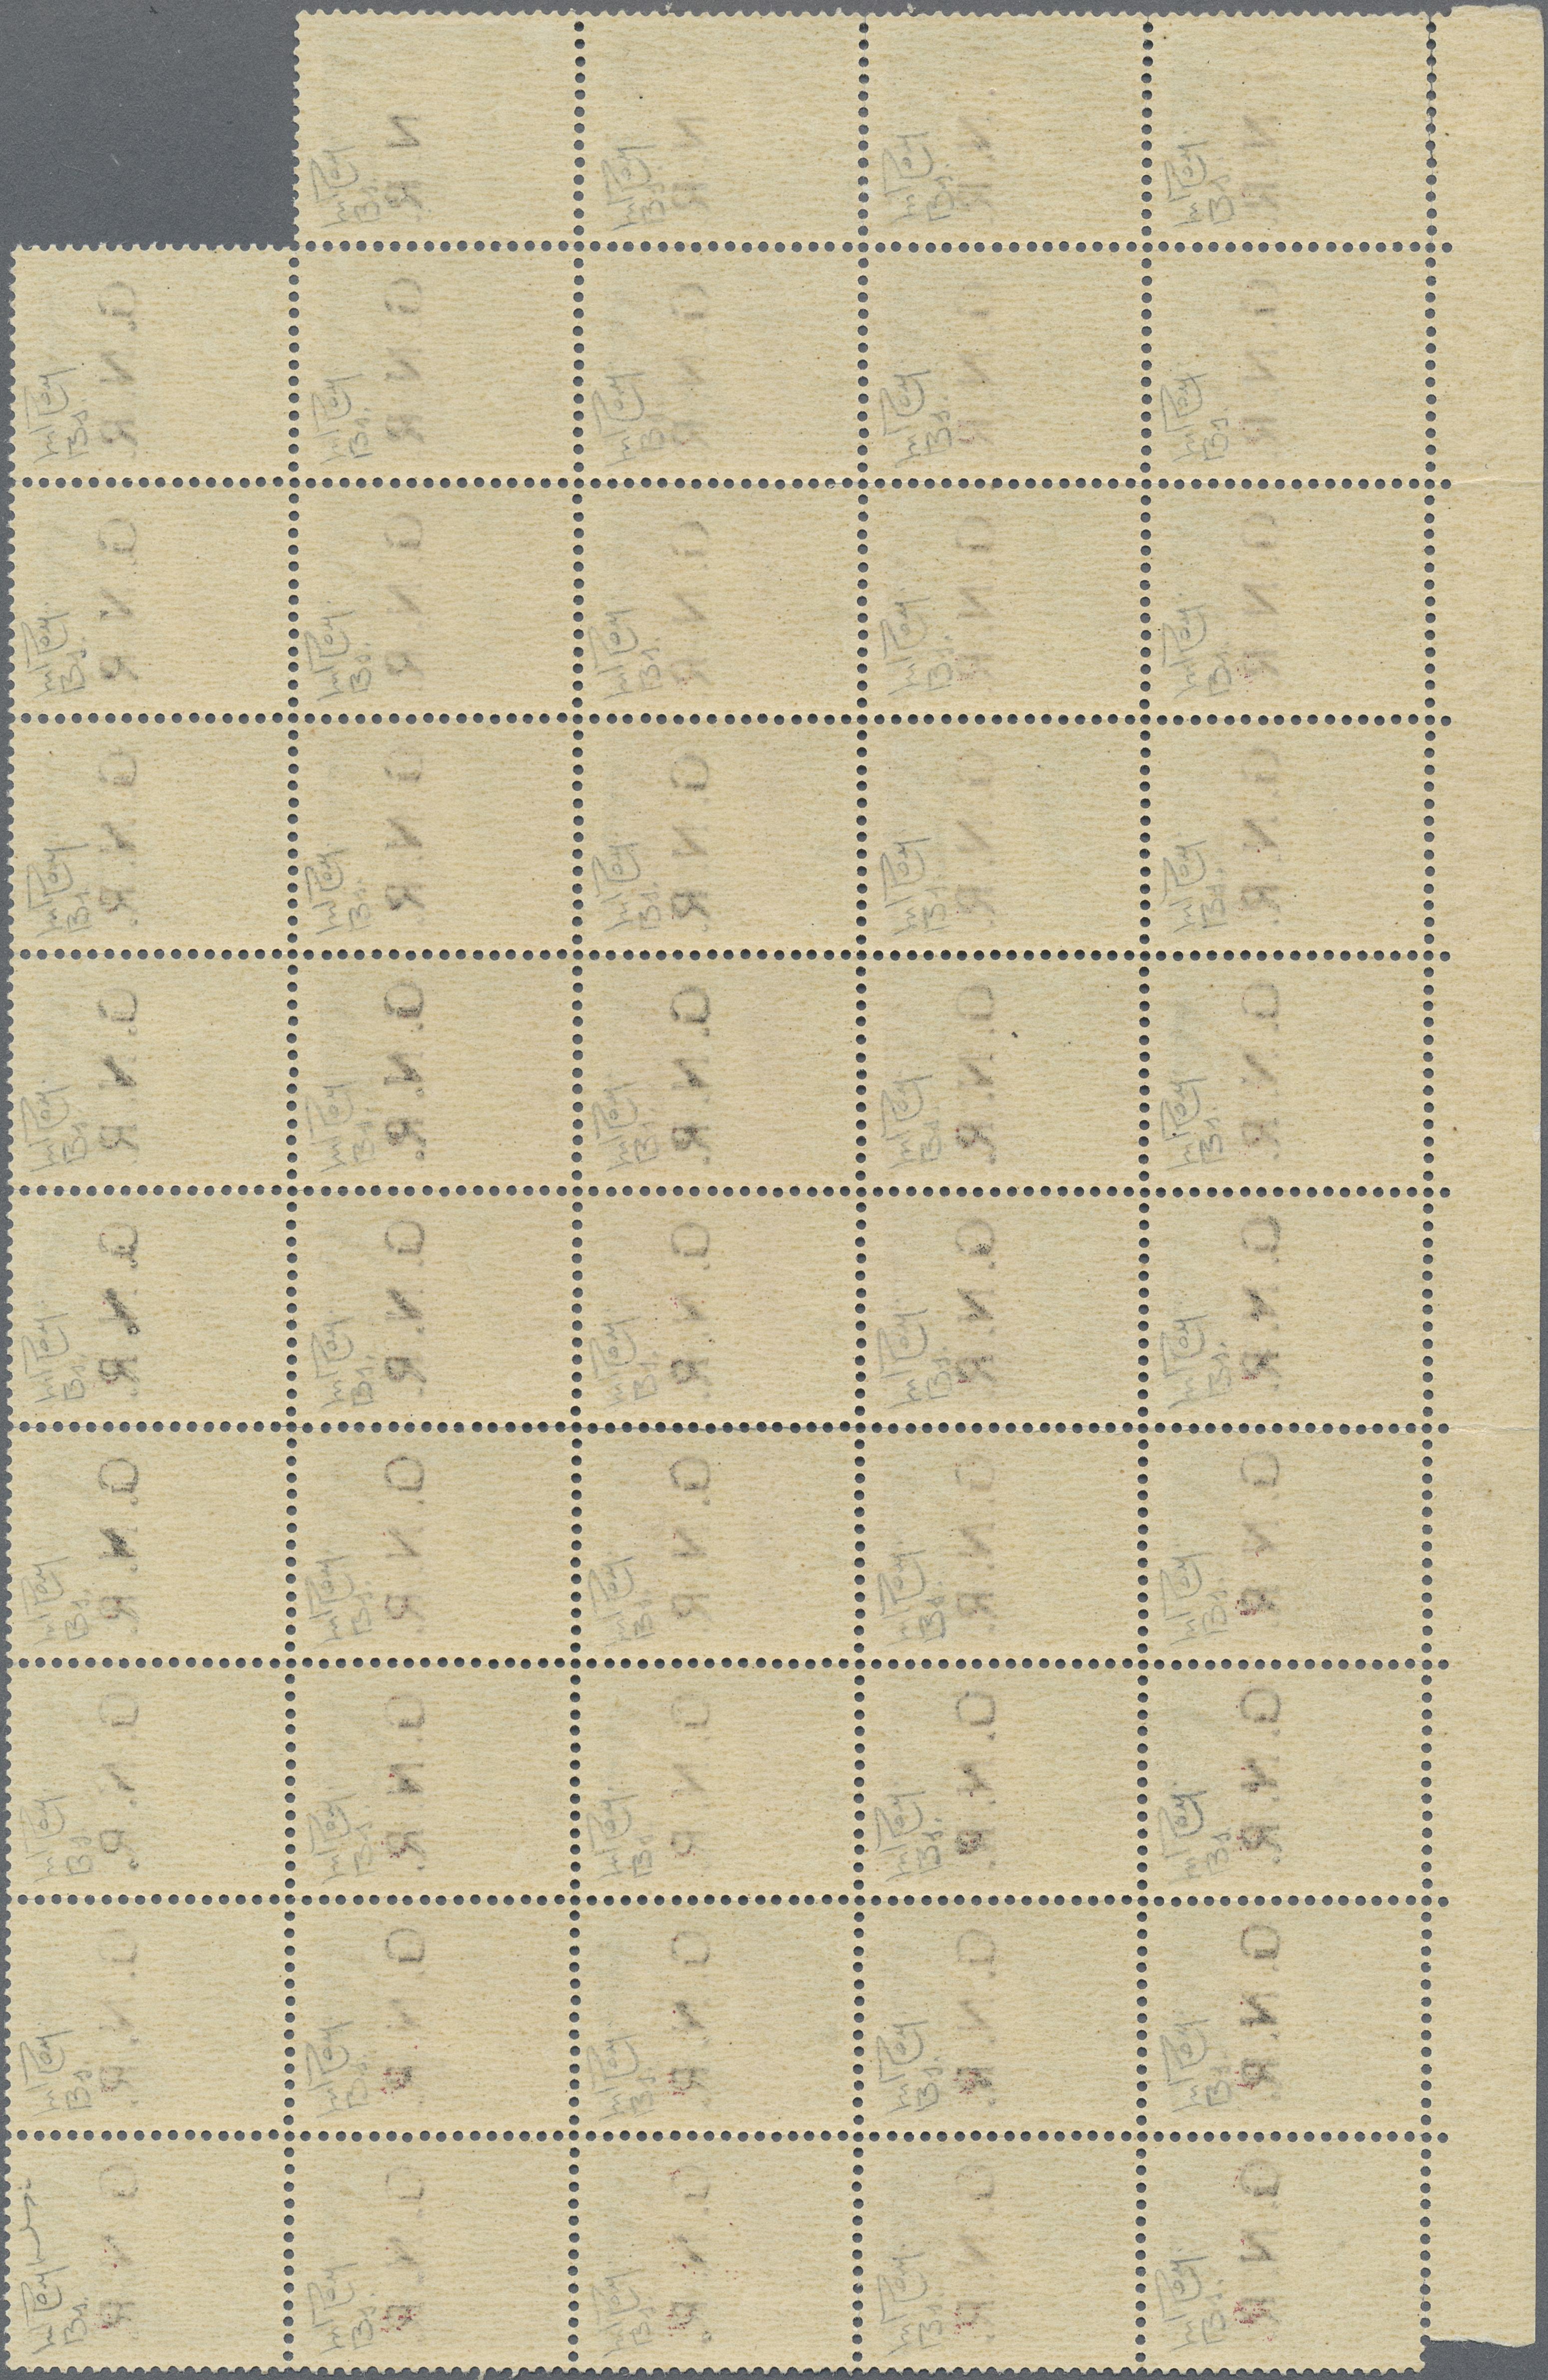 Lot 14244 - Italien - Militärpostmarken: Nationalgarde  -  Auktionshaus Christoph Gärtner GmbH & Co. KG Sale #47 Single lots: Asia, Thematics, Overseas, Europe